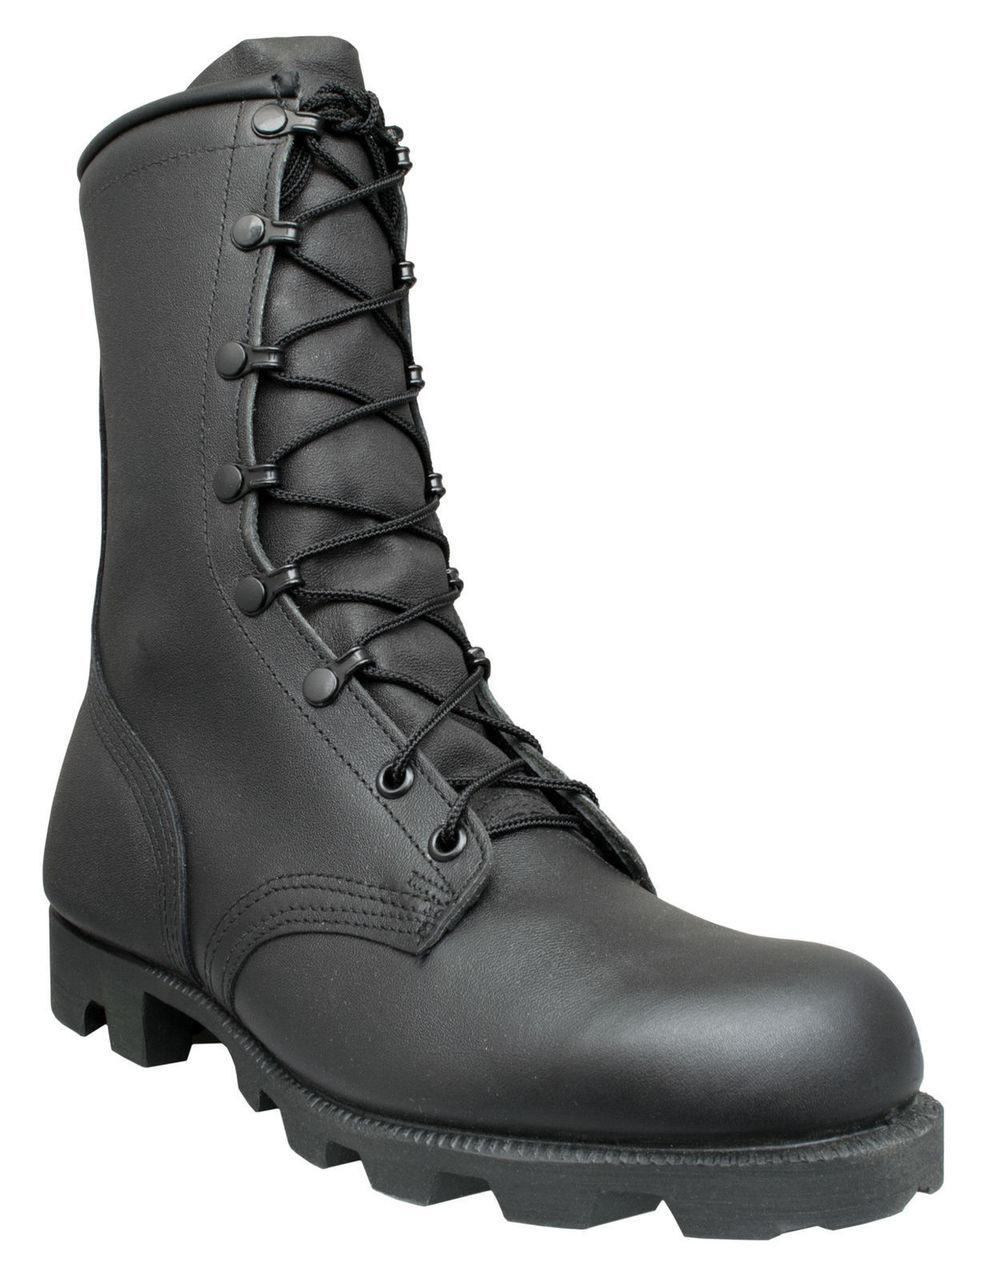 """McRae 8"""" Panama USA-Made Military Jungle Boots 9189 Black"""